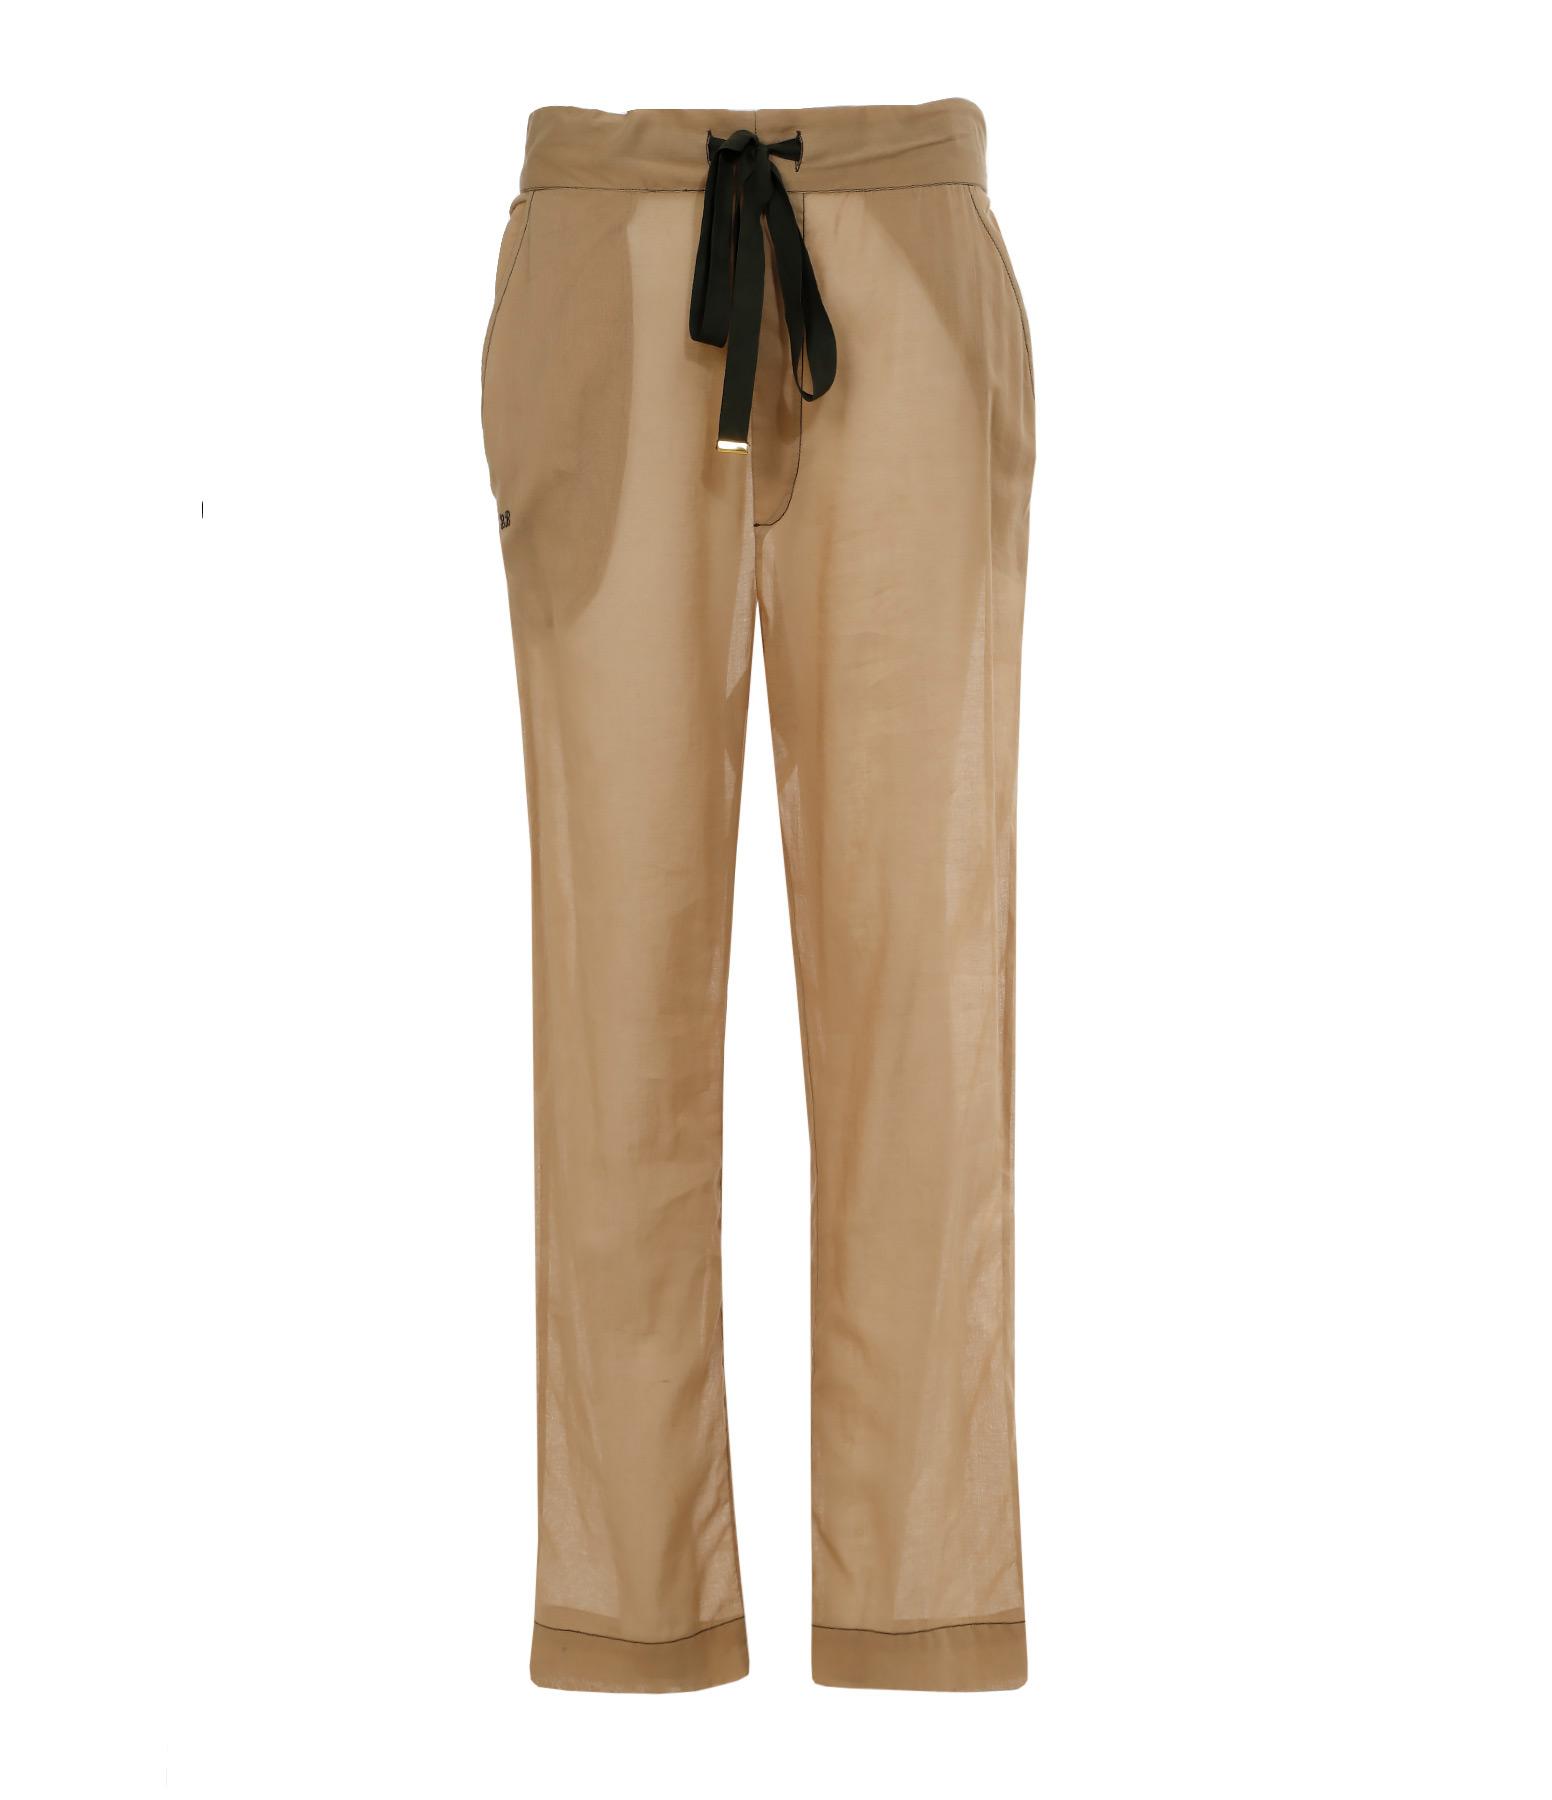 Pantalon Chairman Coton Putty